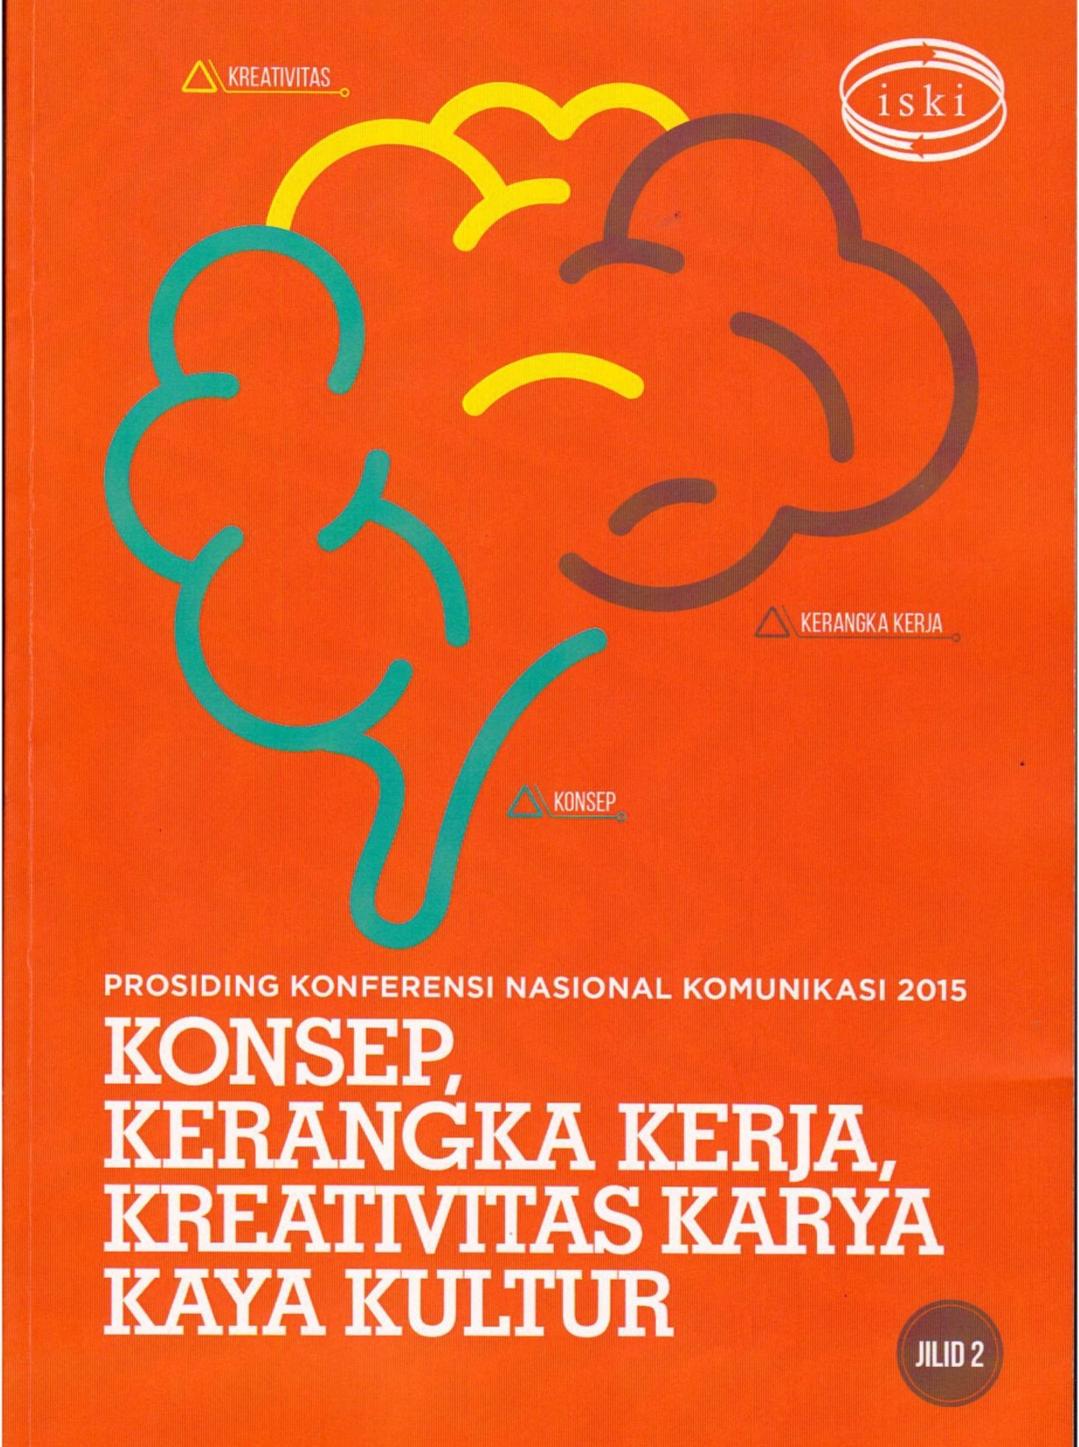 Publikasi: Konsep, Kerangka Kerja, Kreativitas Karya Kaya Kultur